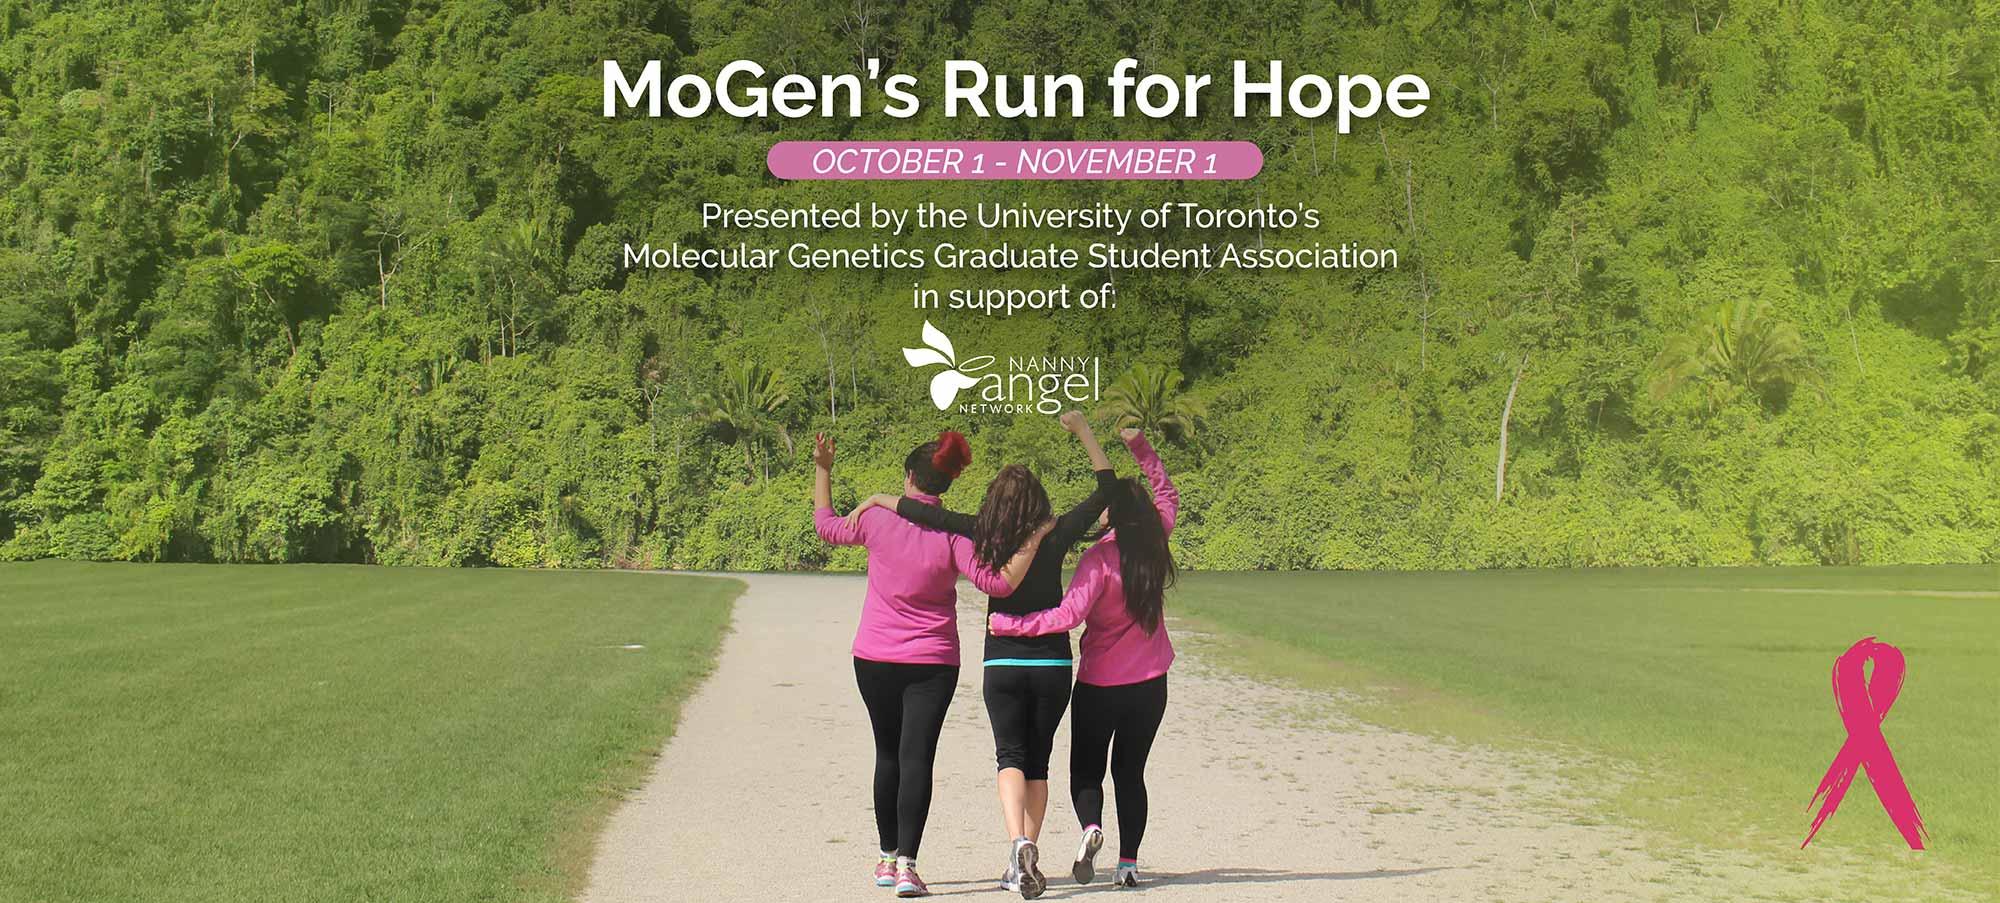 MoGen's Run for Hope